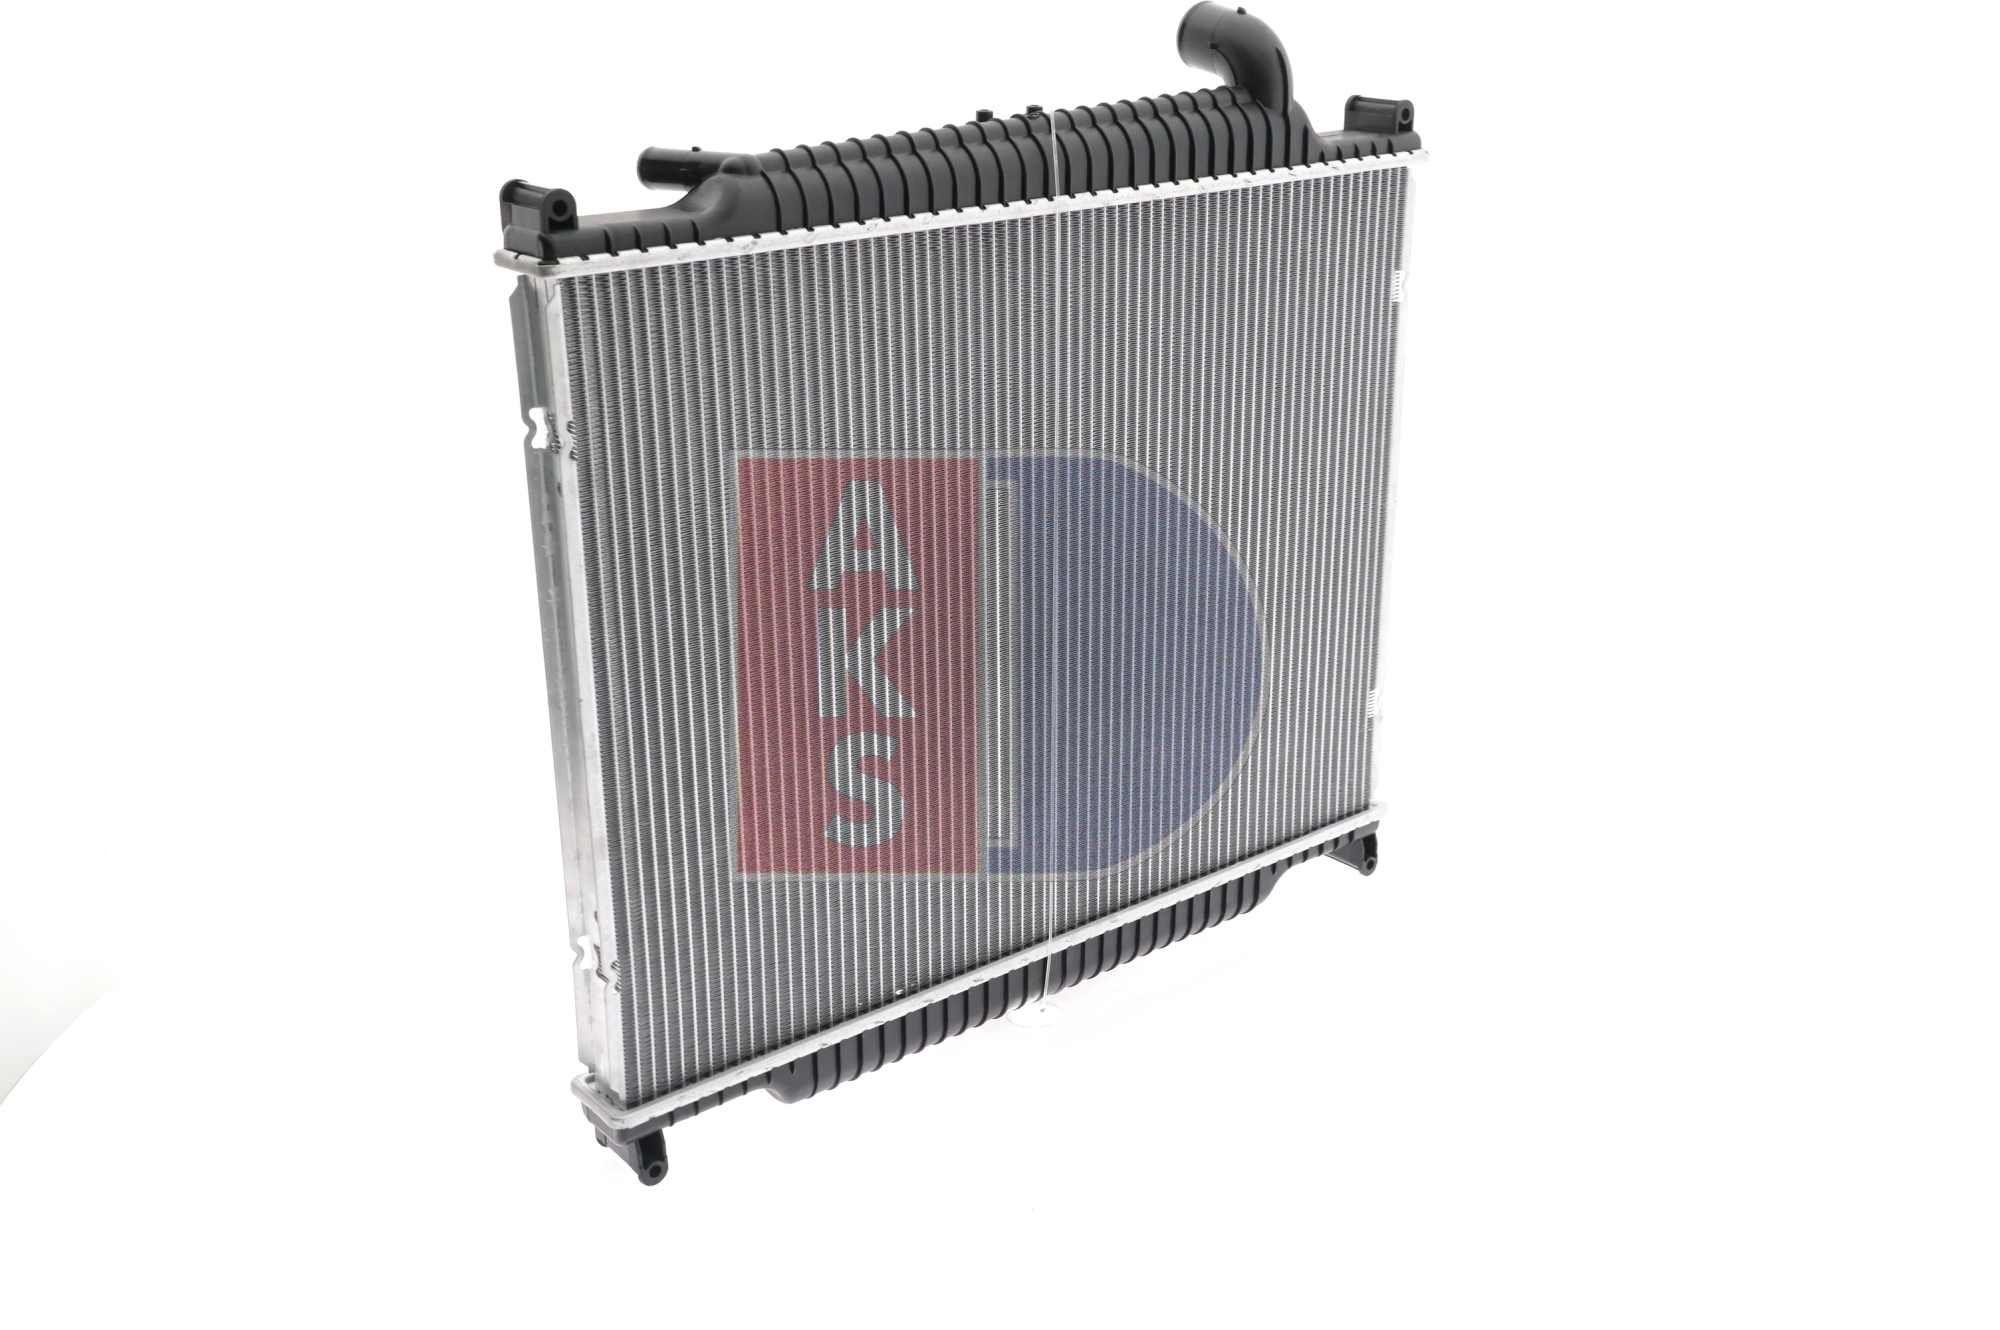 020023N Kühler, Motorkühlung AKS DASIS Test